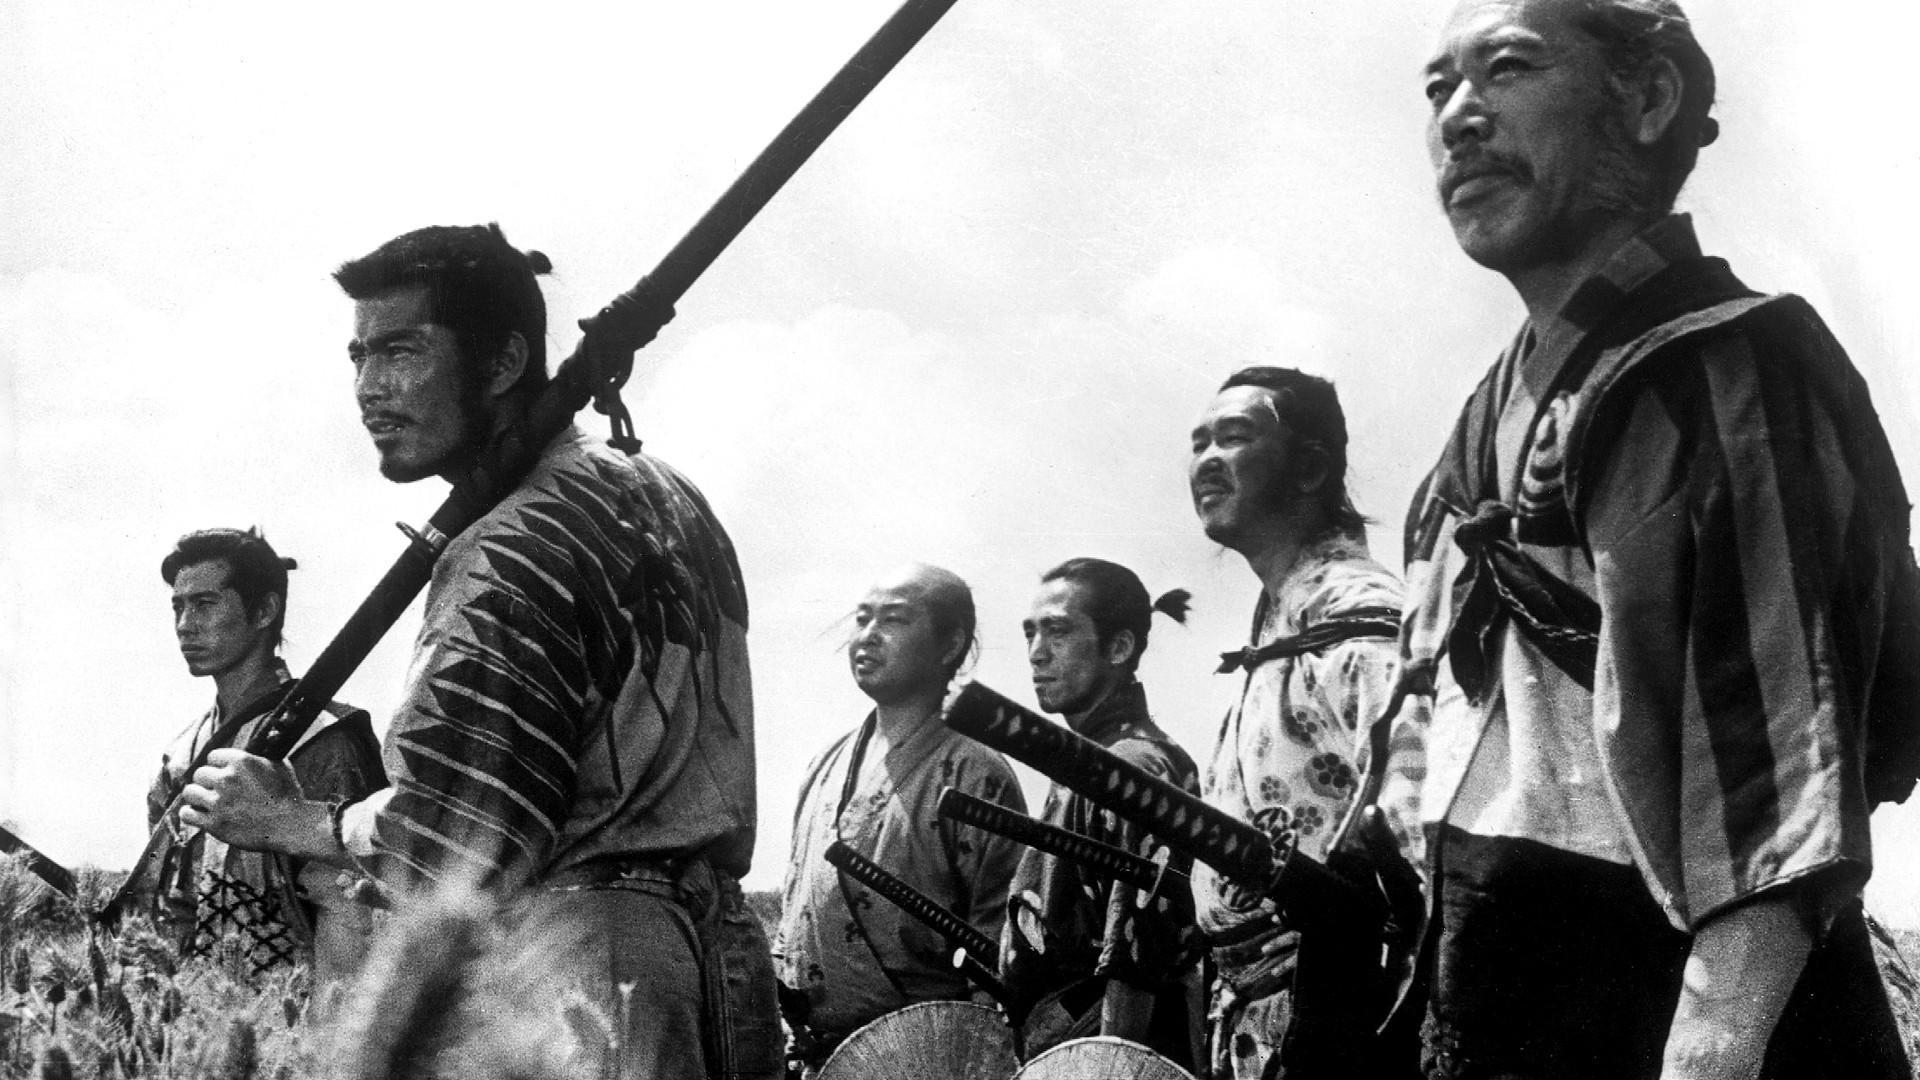 Od Siedmiu samurajów do Siedmiu wspaniałych